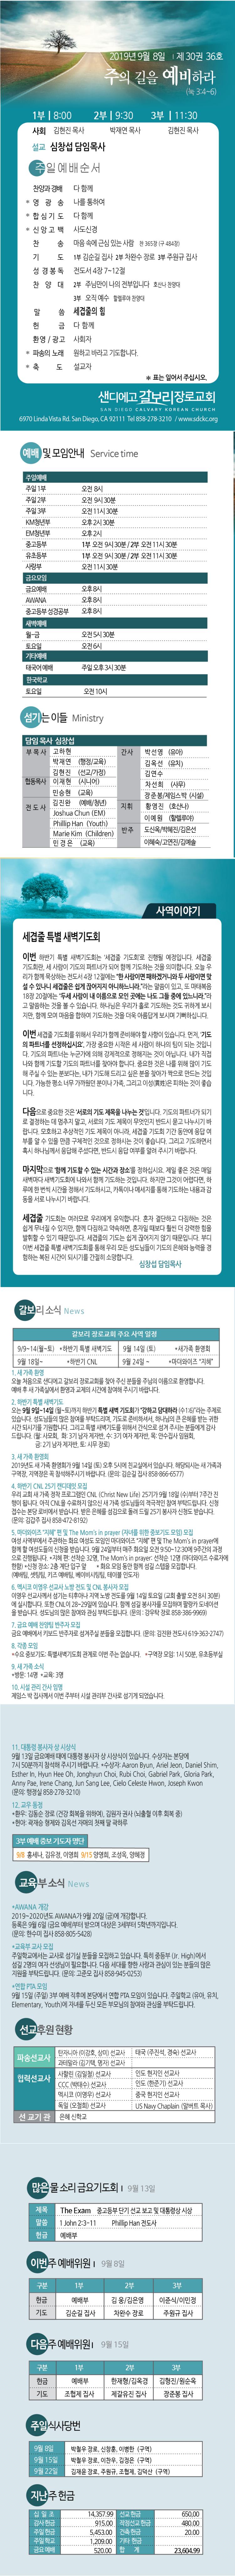 2019 9월 둘째주 주보소식 .png